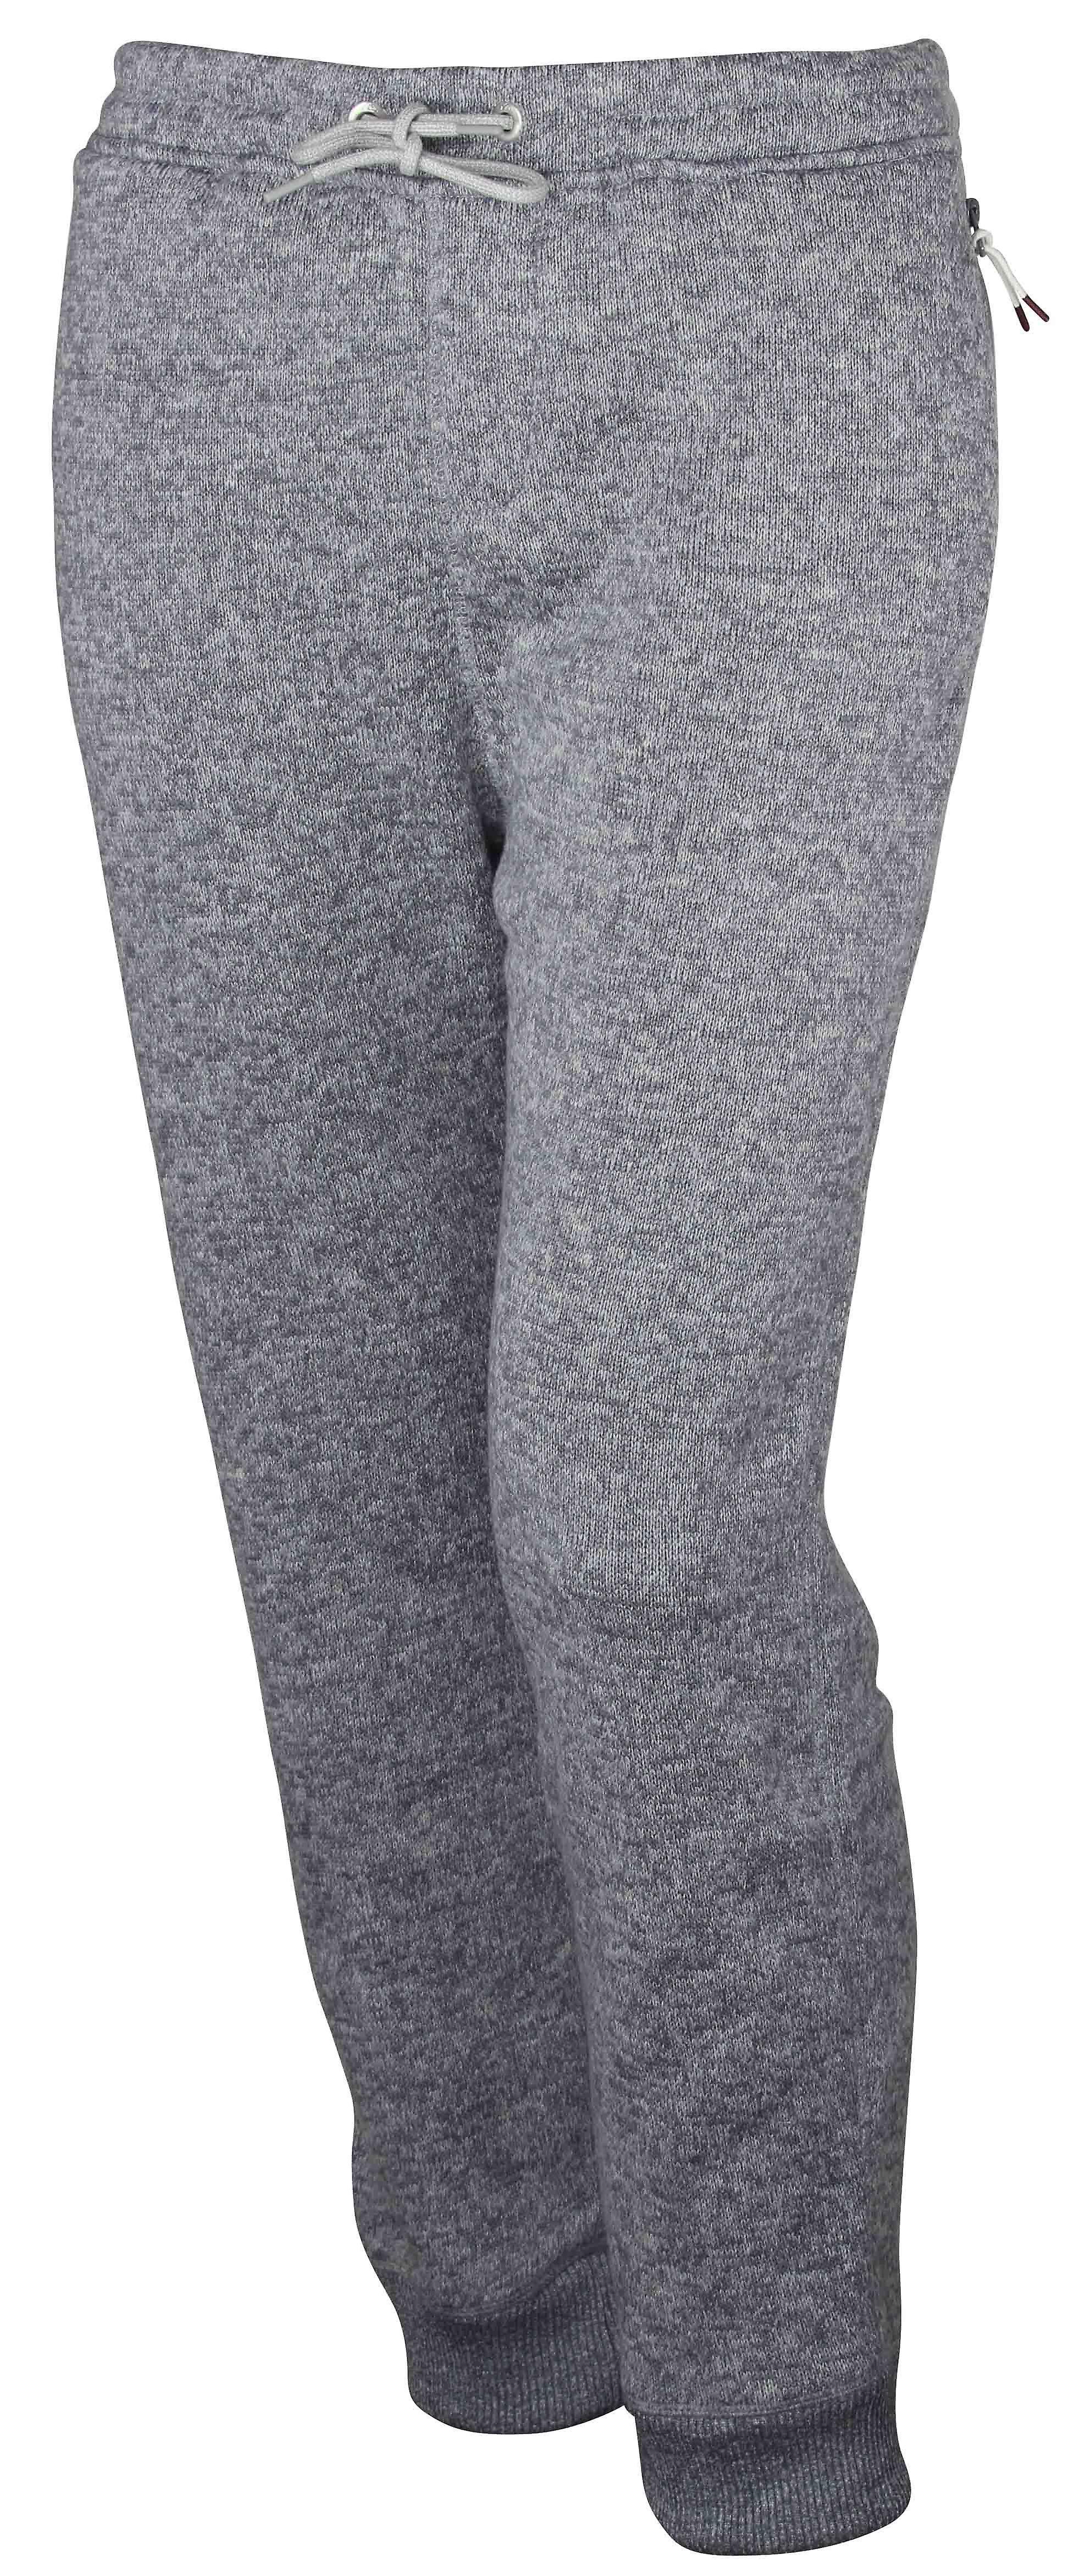 Quiksilver Mens Keller Fleece Pants - Light Heather Gray